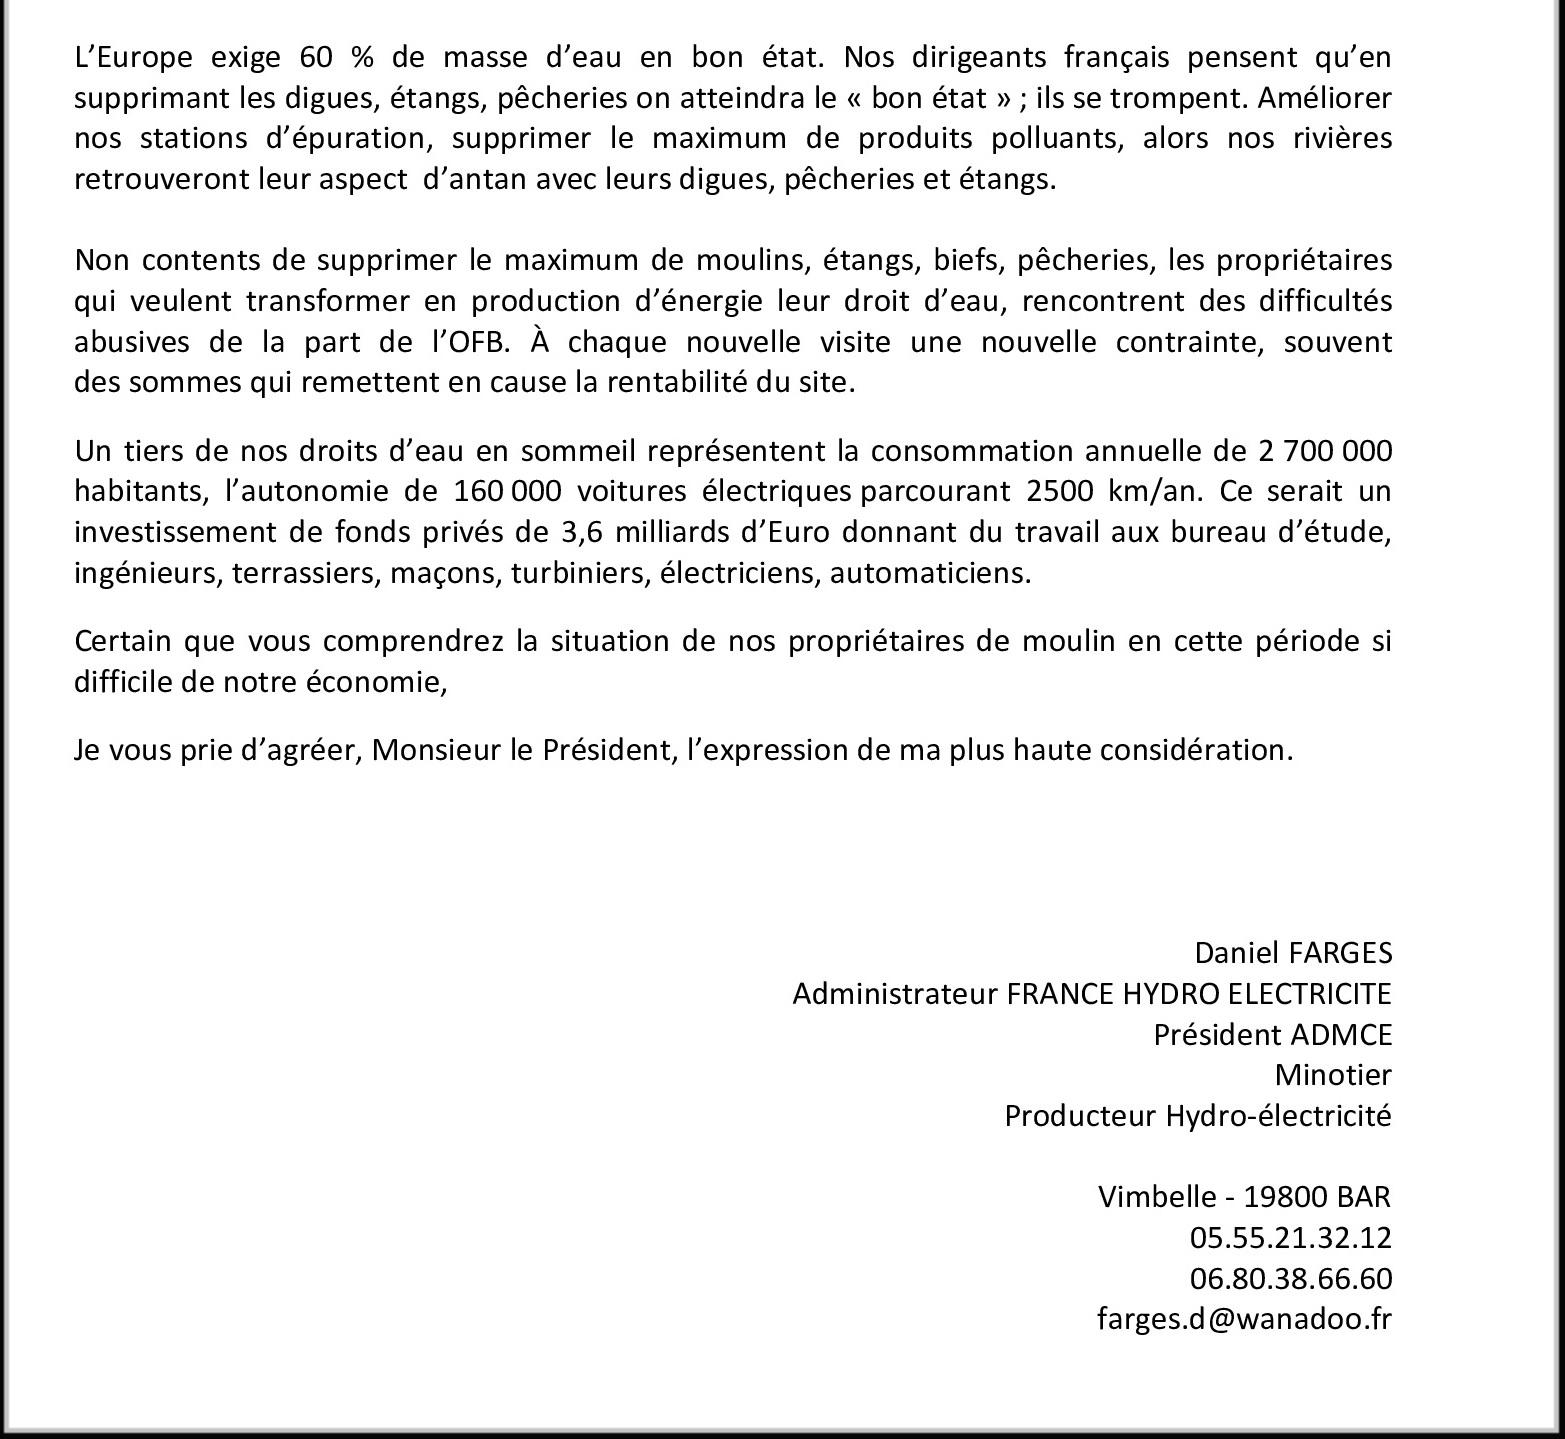 ADMCE Corrèze page 2